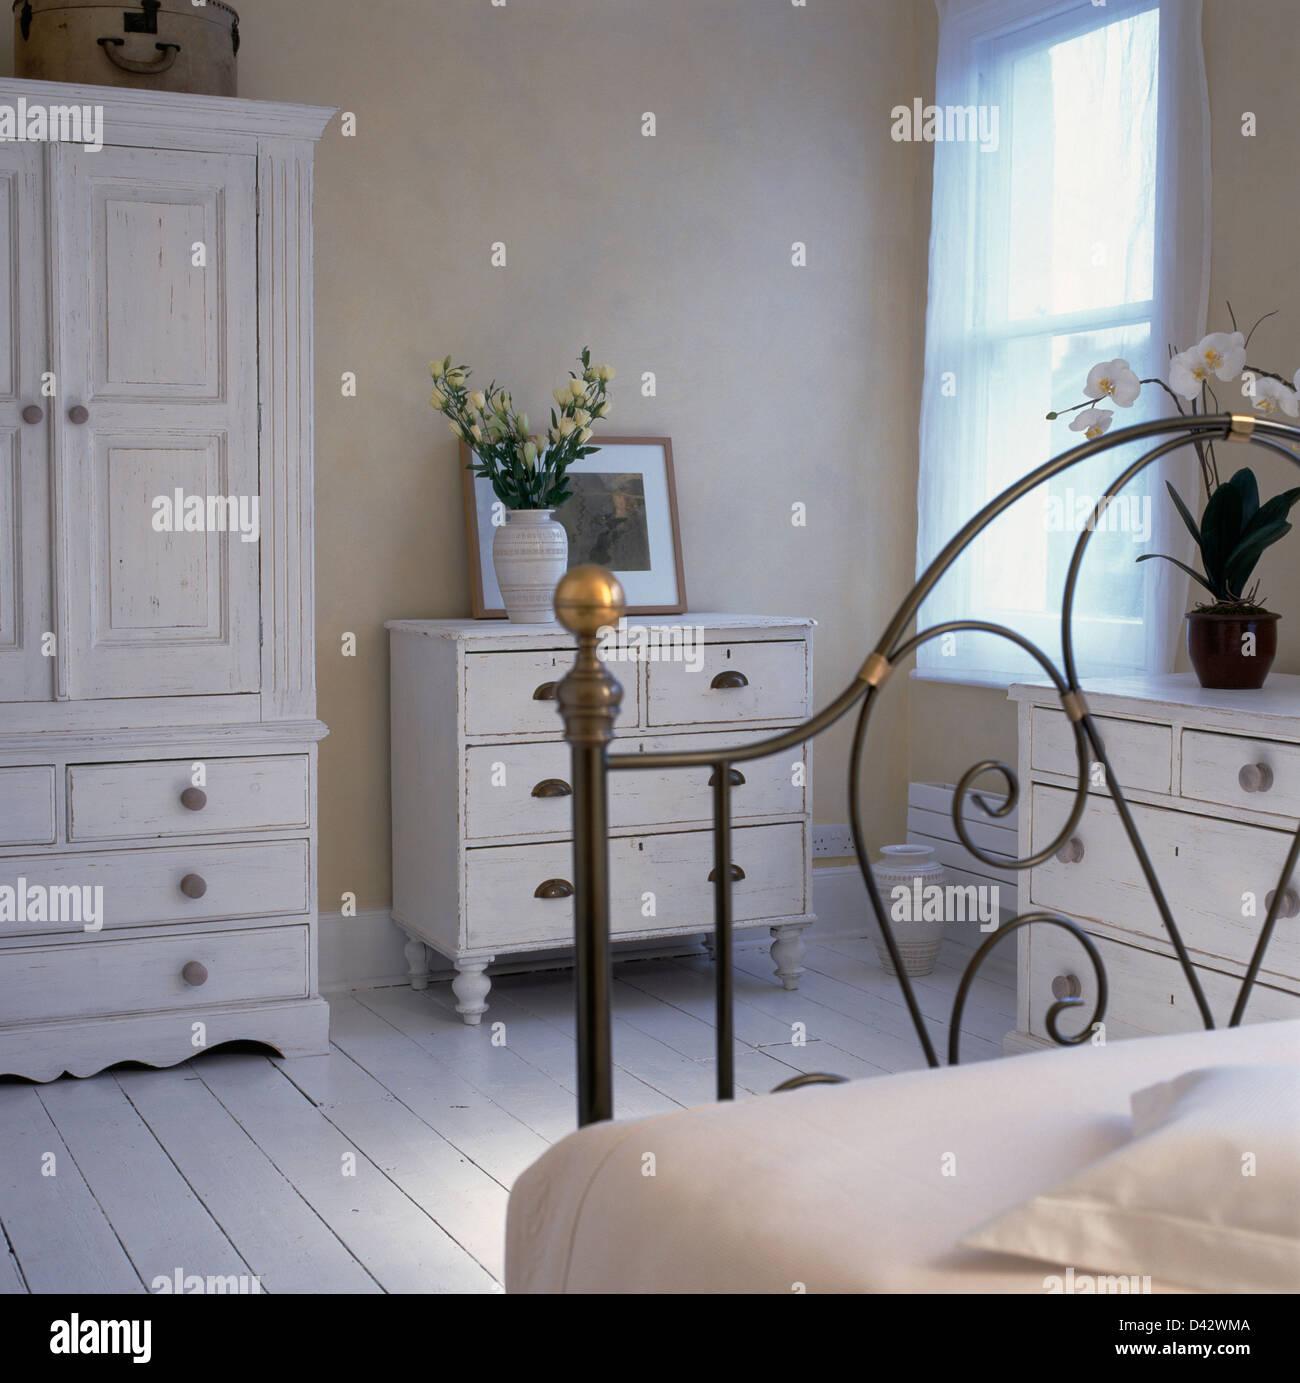 Cool Kommode Schlafzimmer Weiß Sammlung Von Weiss Lackiert, Kleiderschrank Und In Blass Beige